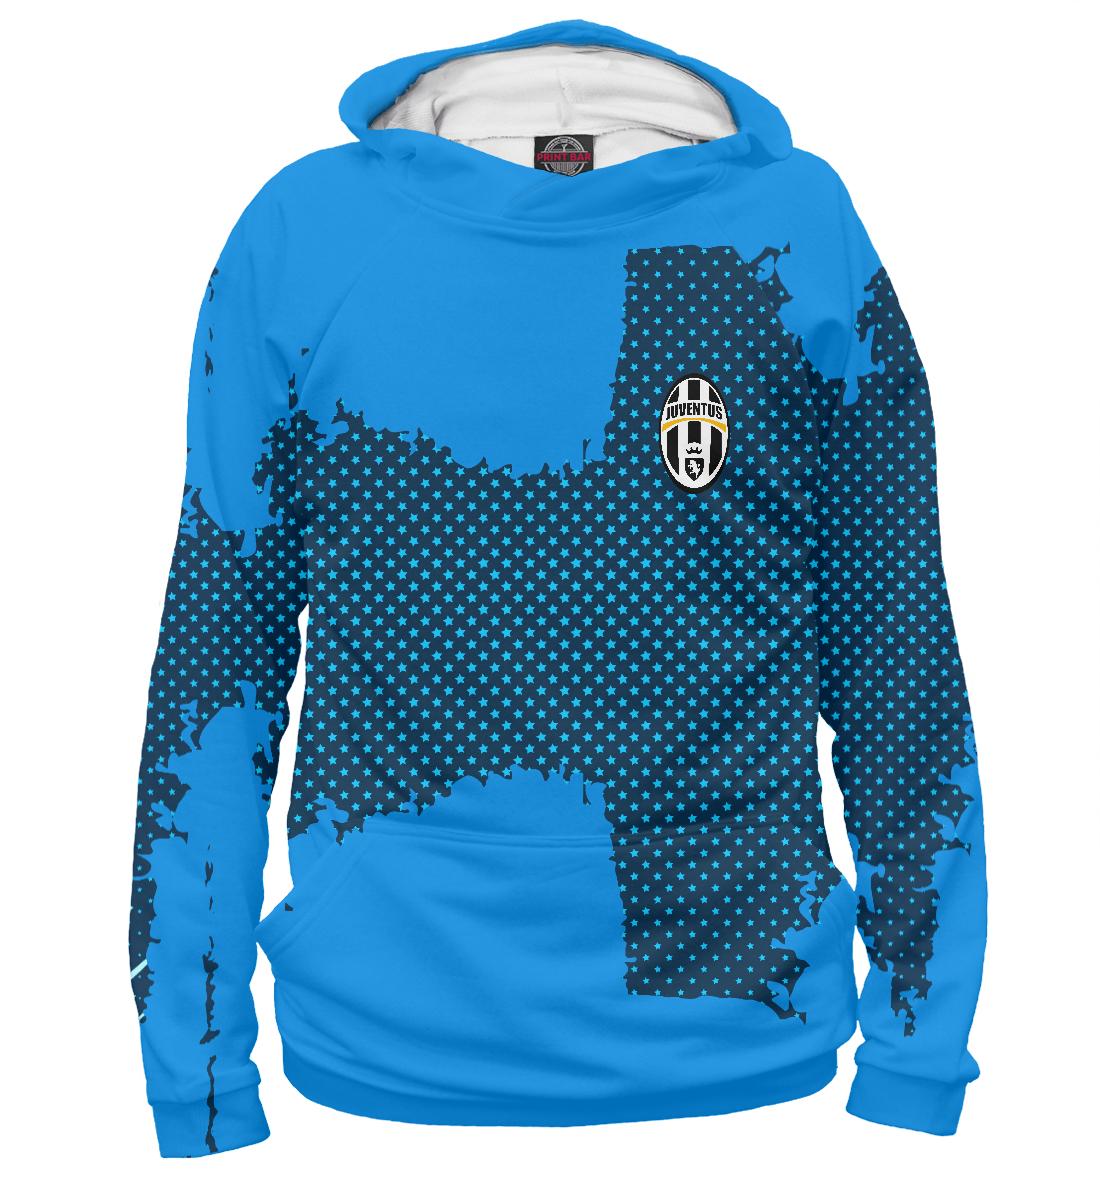 Купить Juventus sport collection, Printbar, Худи, JUV-333783-hud-1